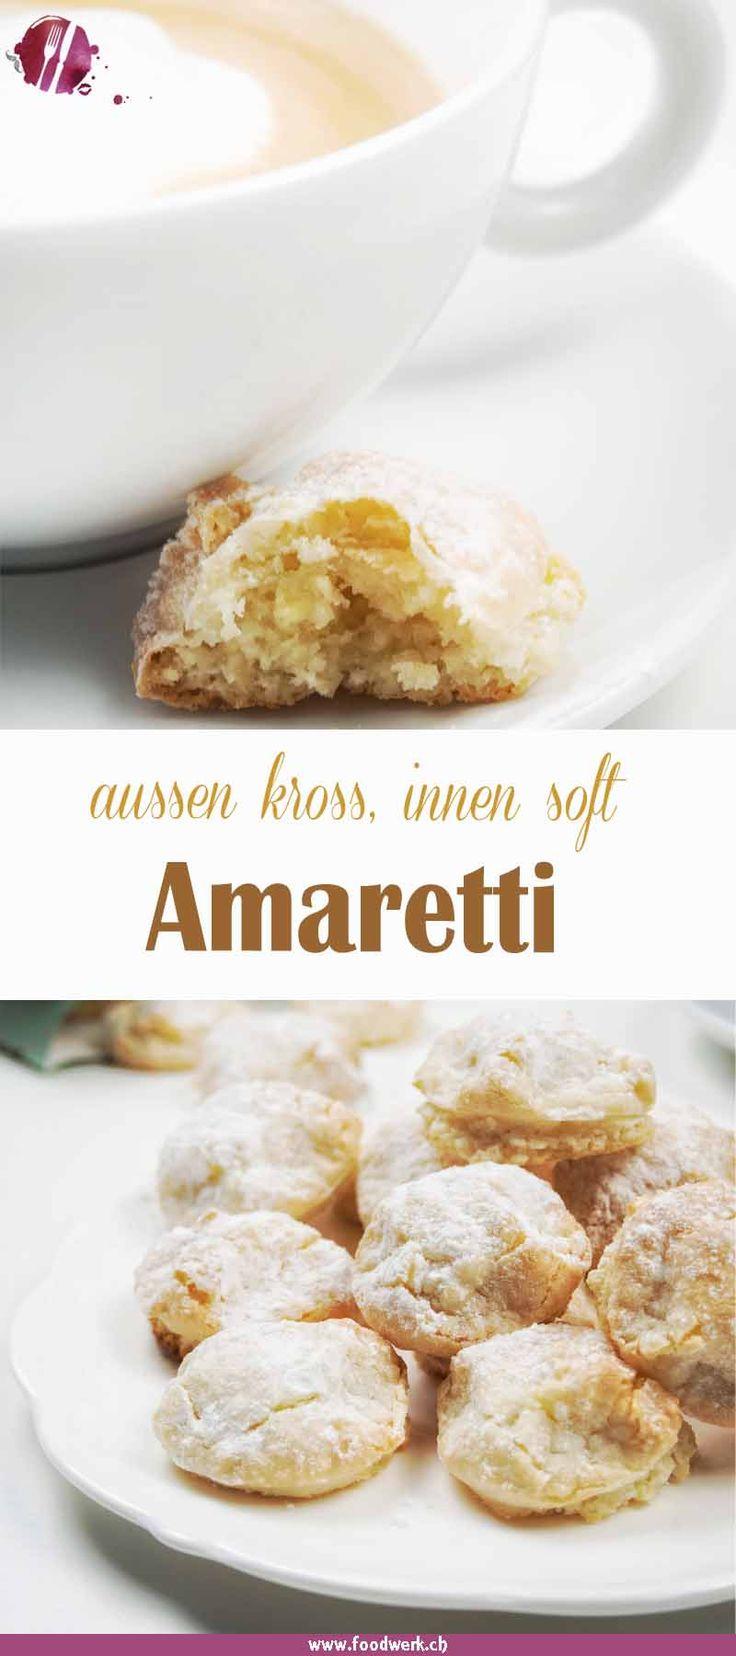 Amaretti sind der italienische Klassiker schlecht hin. Das Gebäck muss für uns aussen kross und innen soft sein, nur so ist es für uns ein gutes Amaretti. Die Amaretti eignen sich auch super als Geschenk und kommen garantiert gut an.